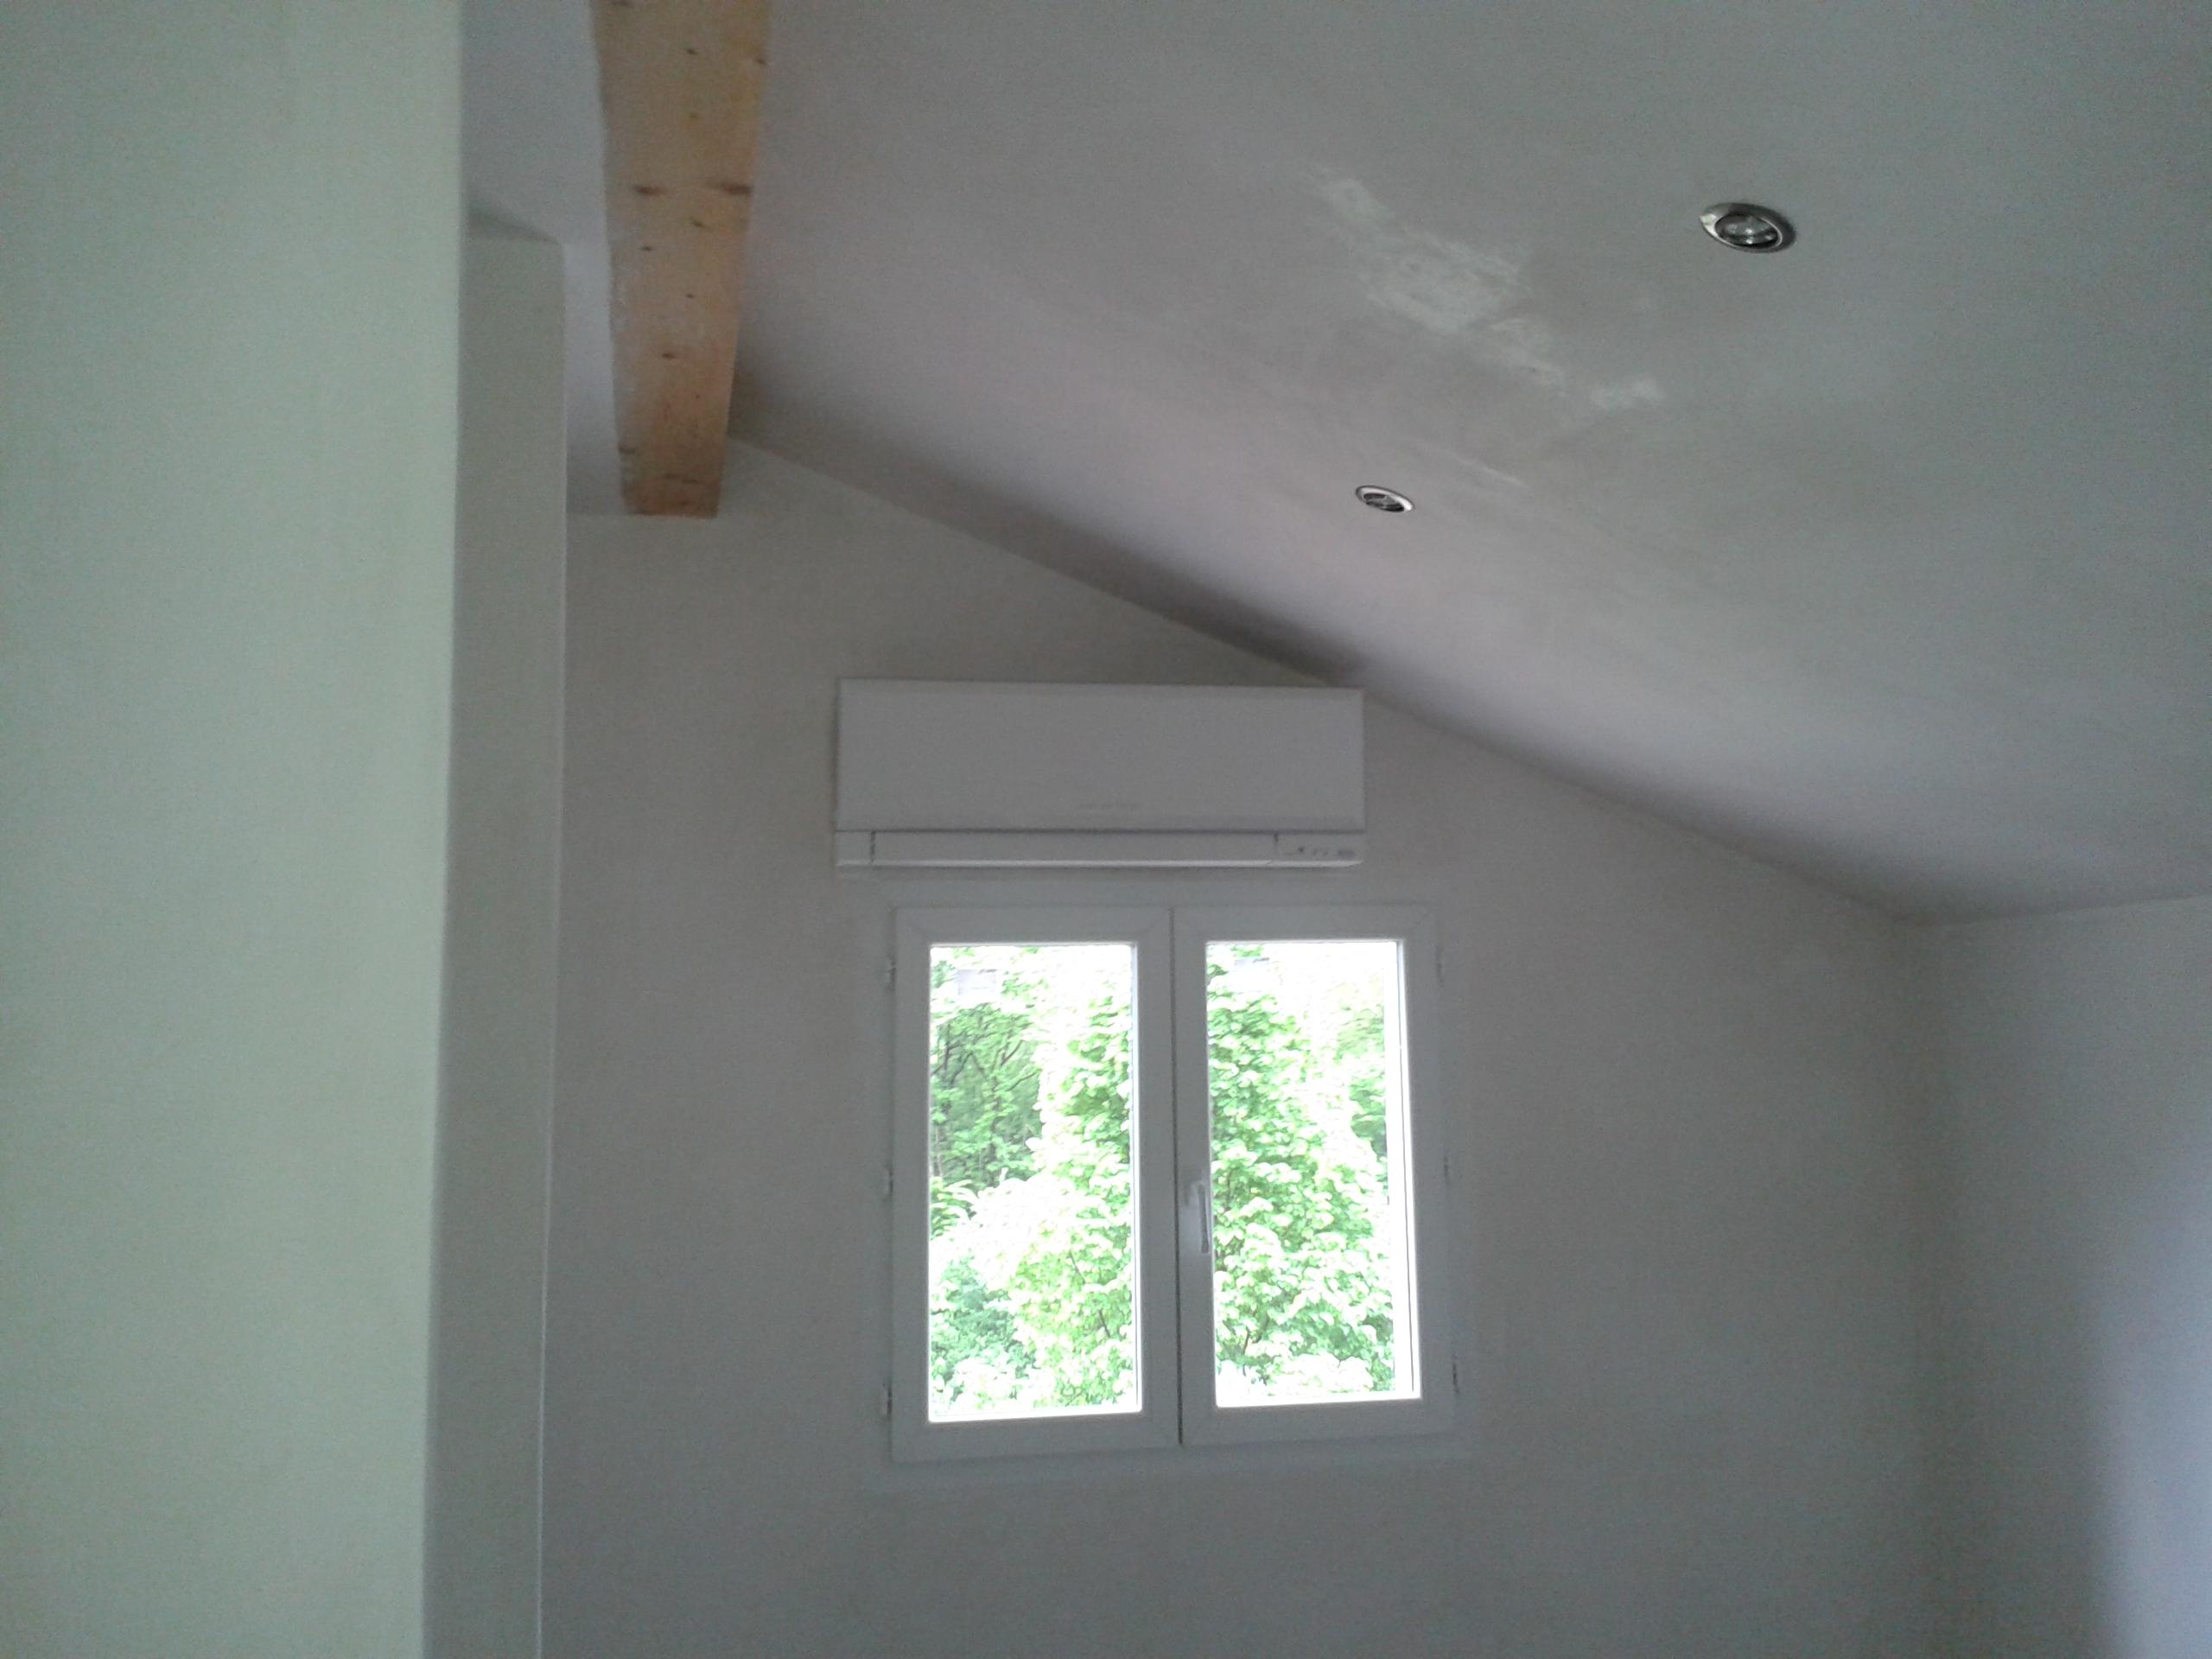 Notre activit a d i savoie assistance d pannage for Installation d une climatisation